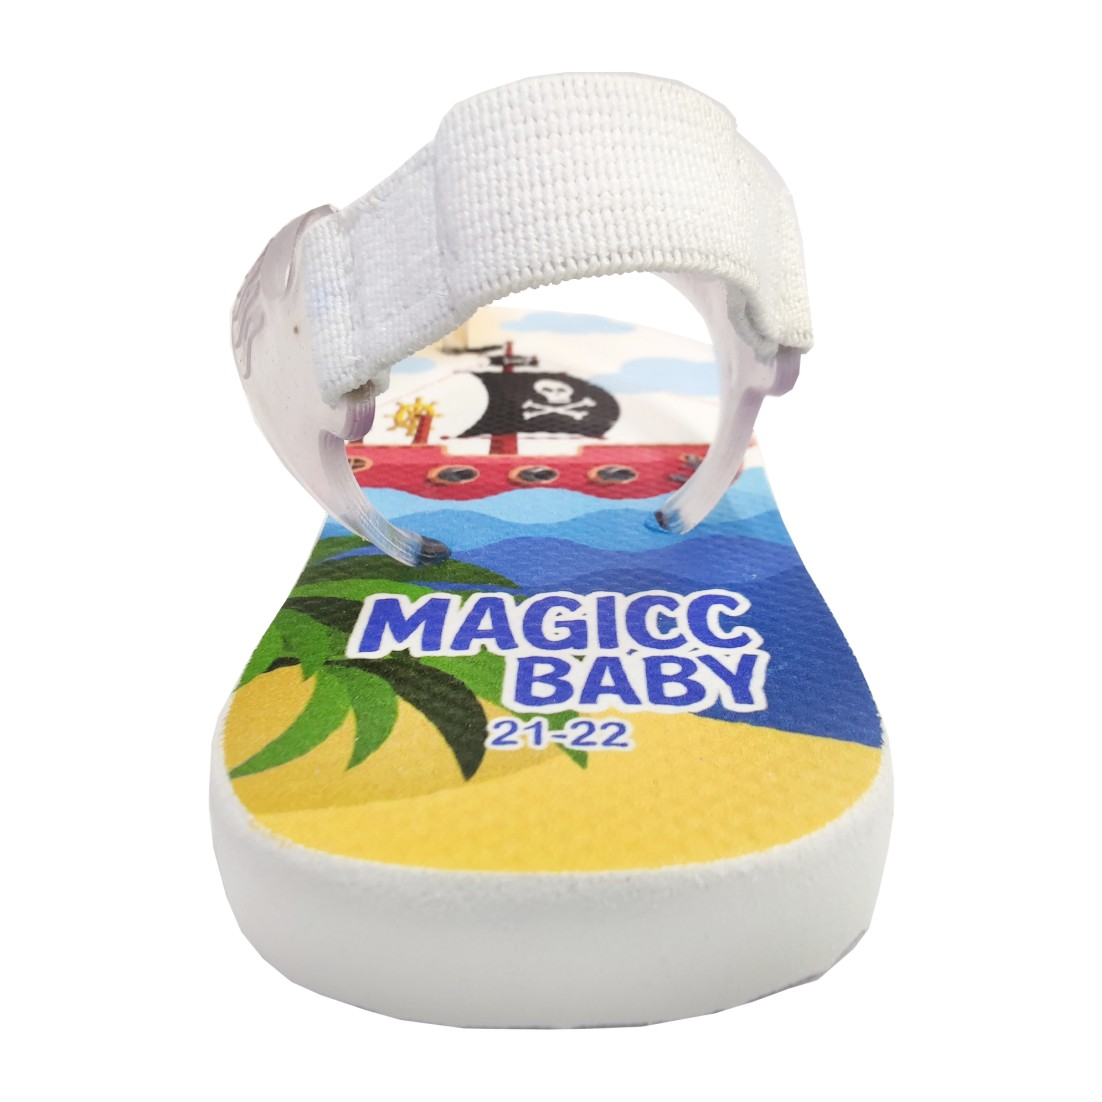 Chinelo Menino Bebê Sandália Navio Pirata Magicc Baby